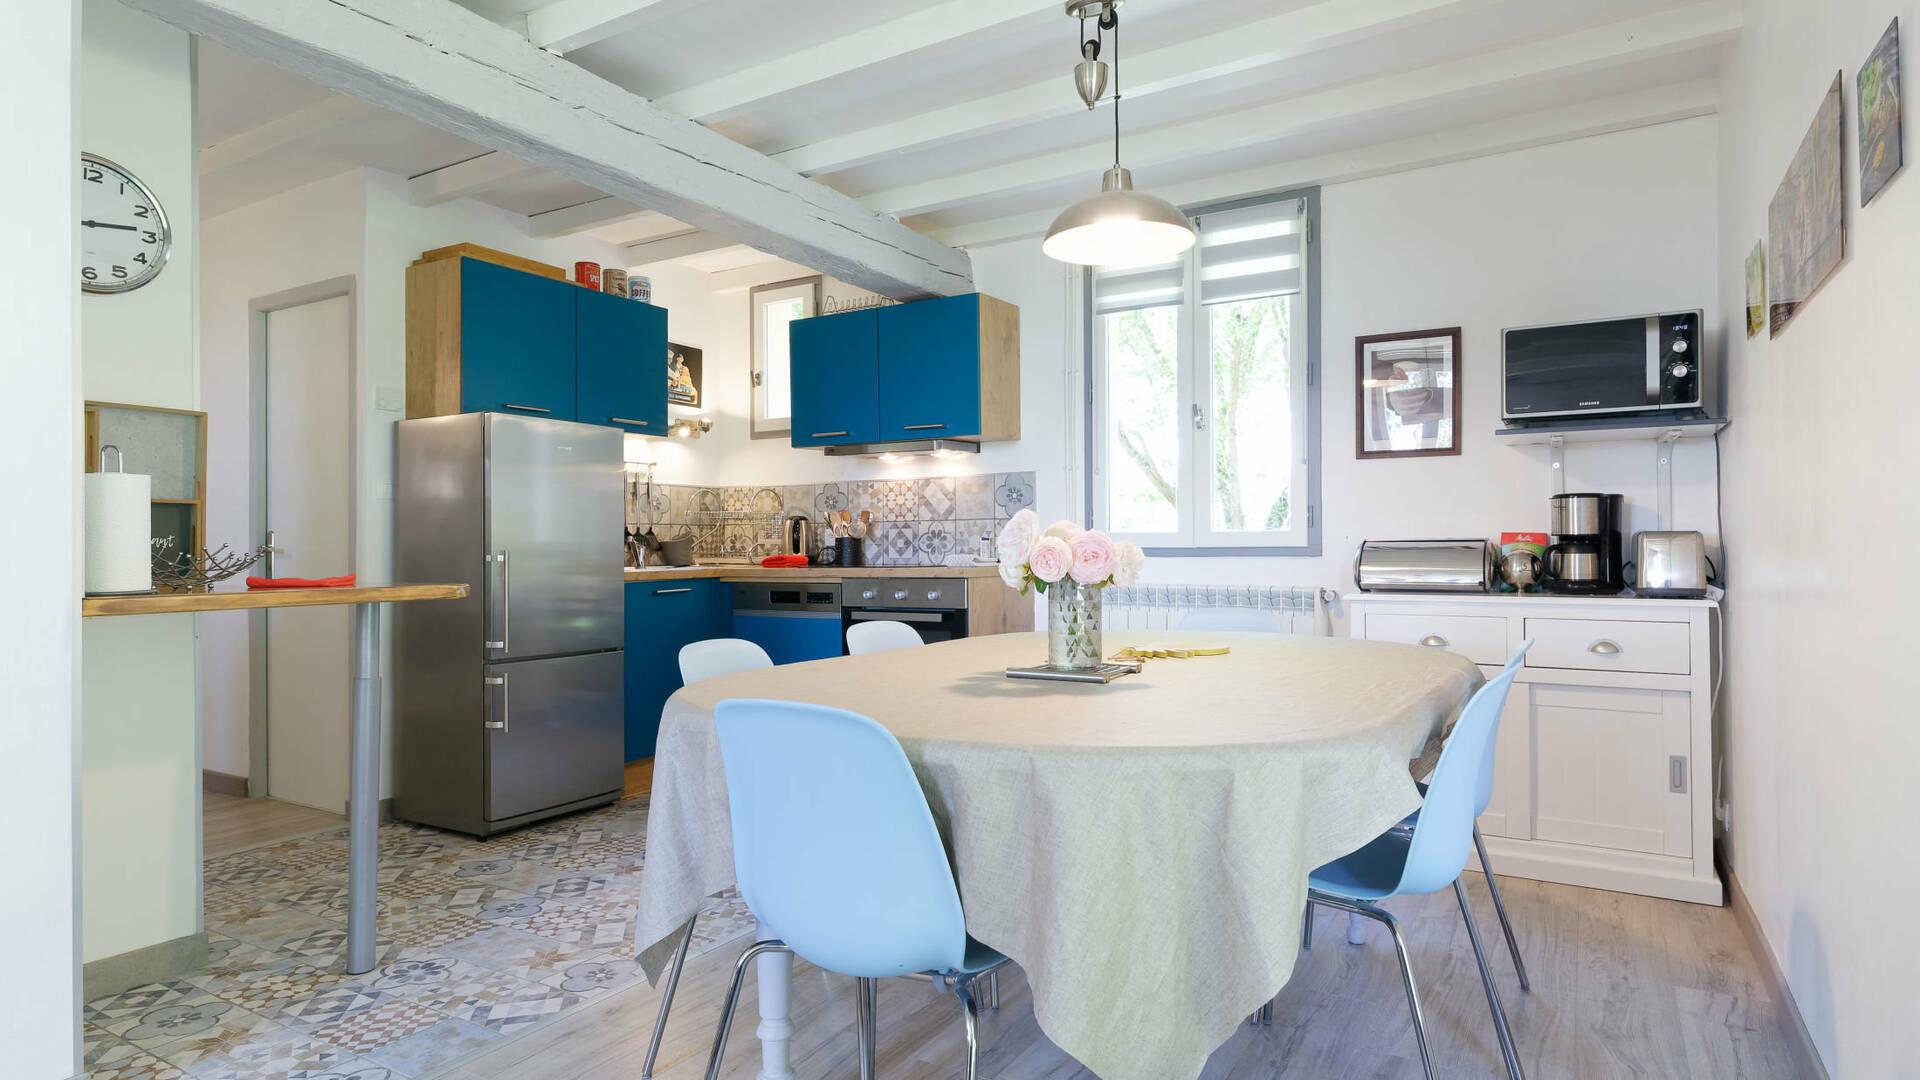 Salle à manger, Gite La Maison Bleue, Savignac-Mona, Lombez, Samatan, Savès, Gascogne, Gers, France